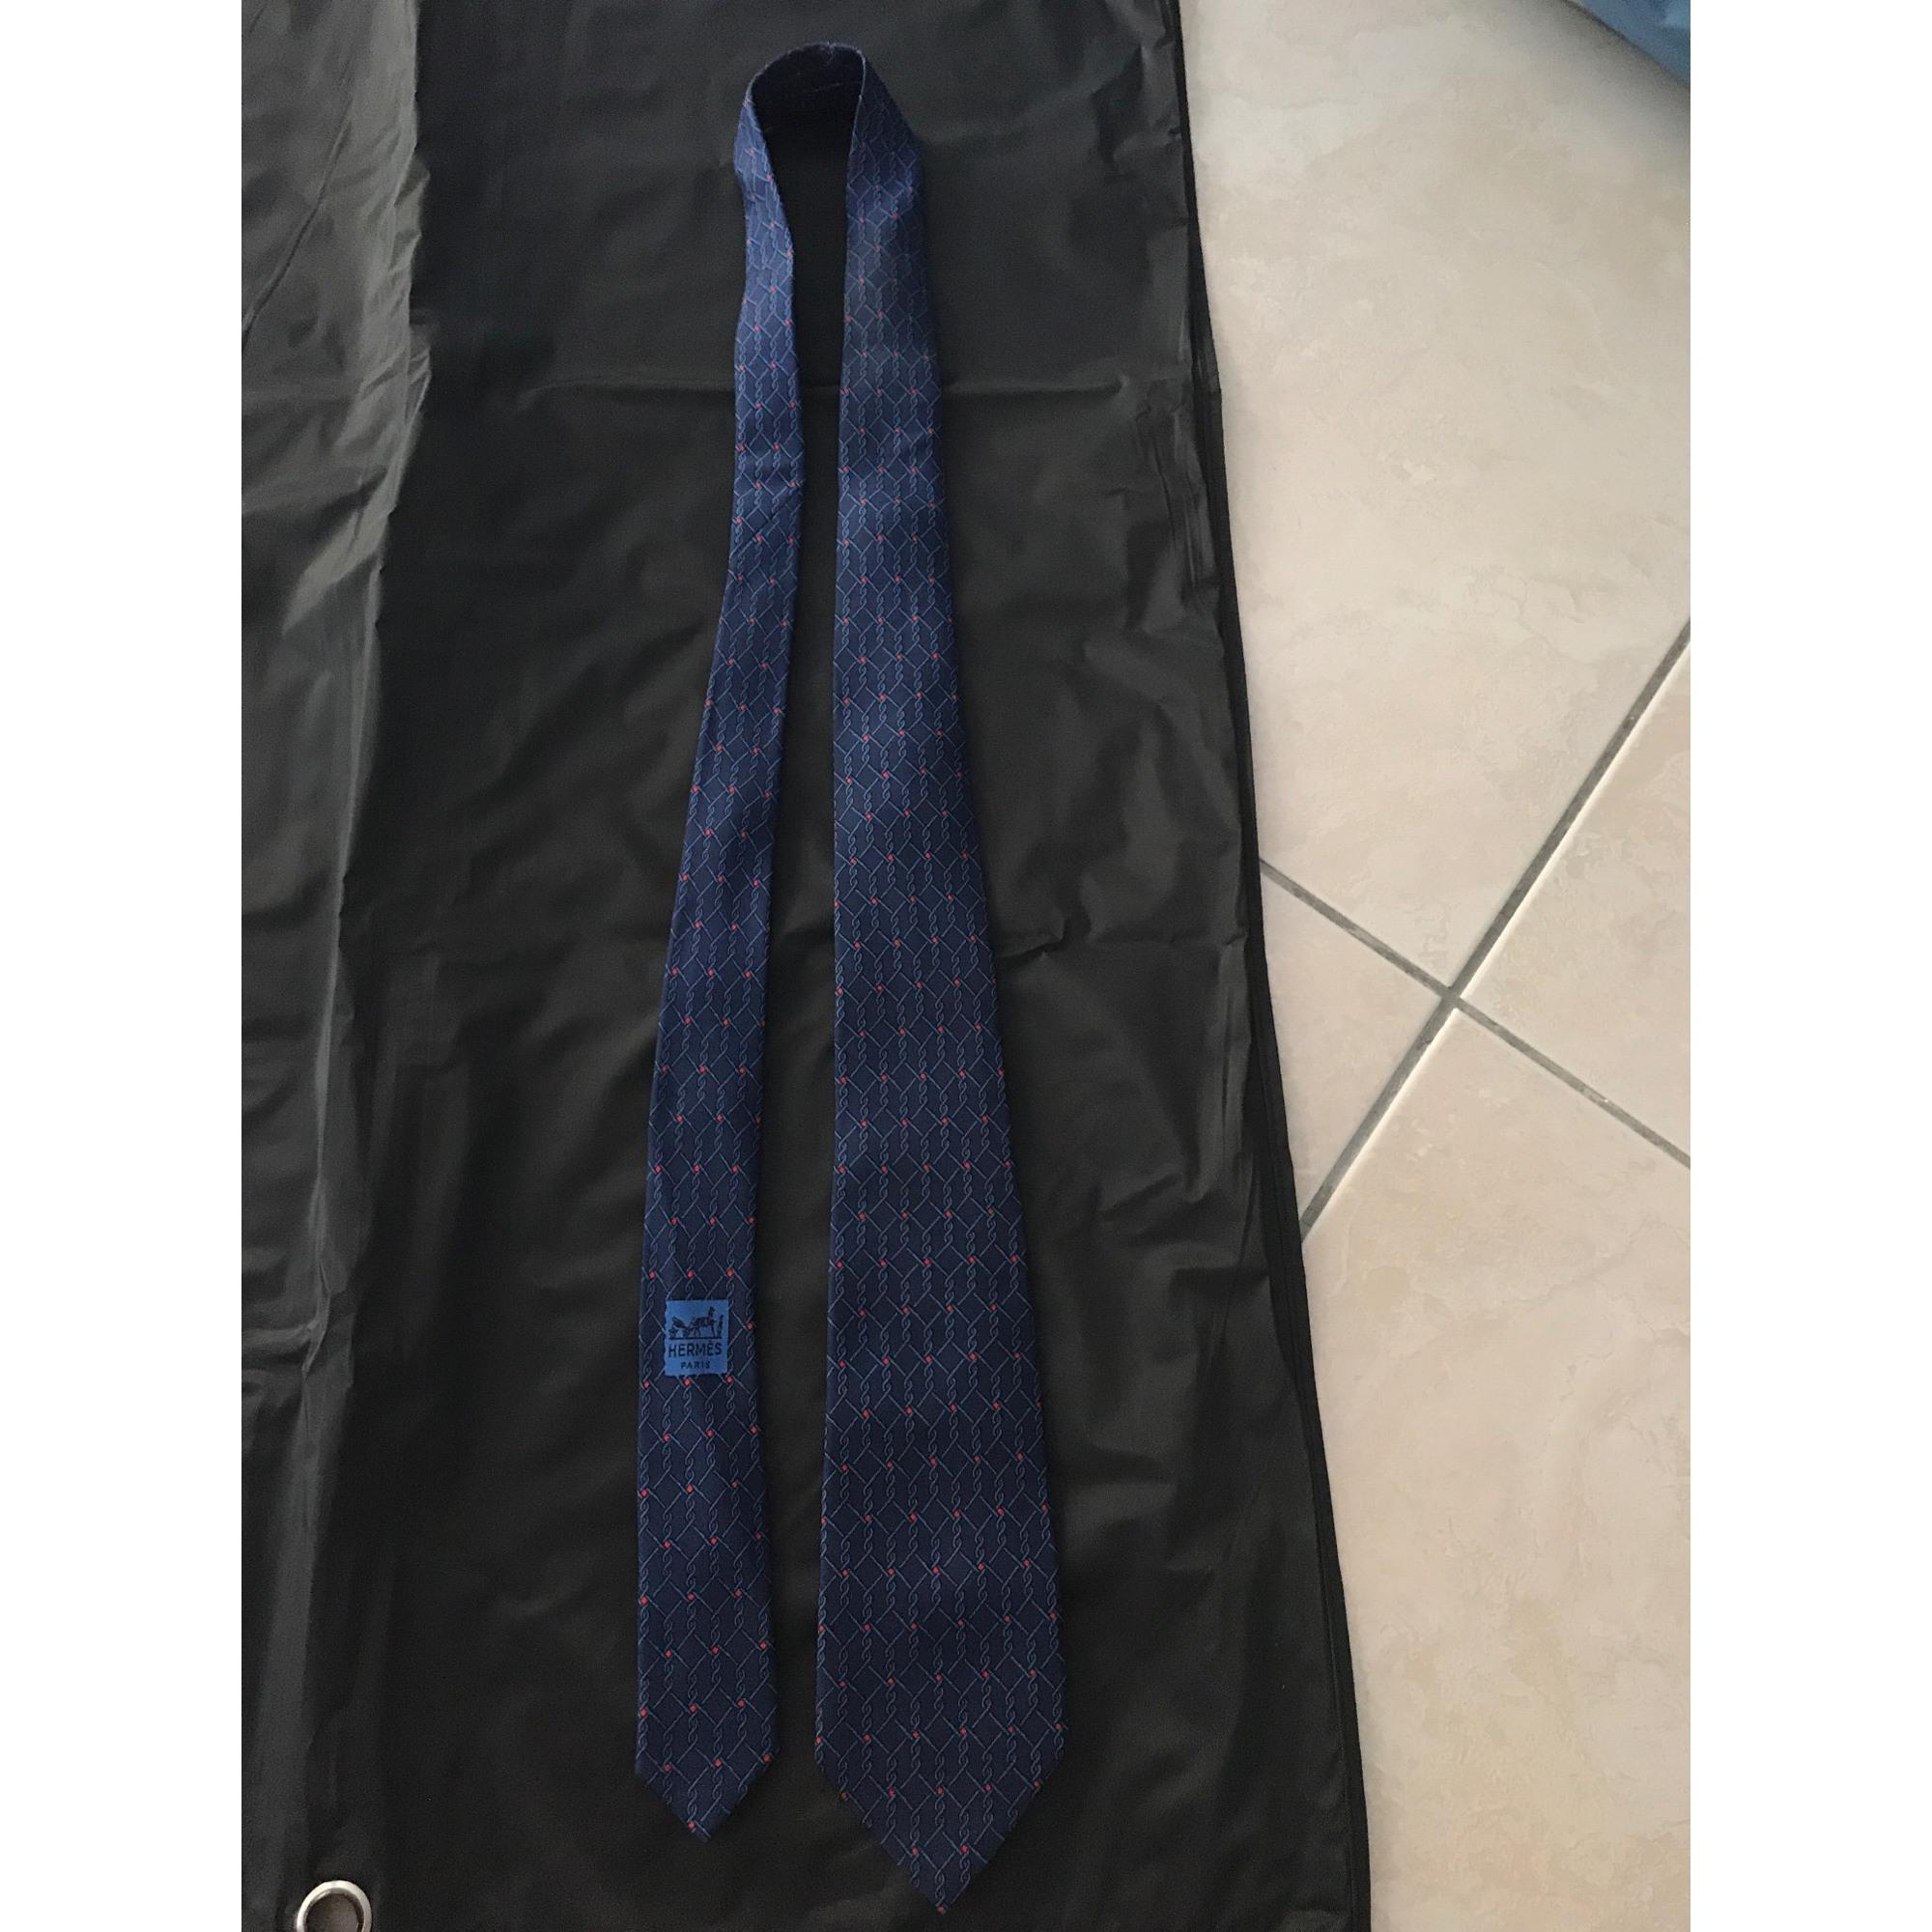 Krawatte HERMÈS Blau, marineblau, türkisblau